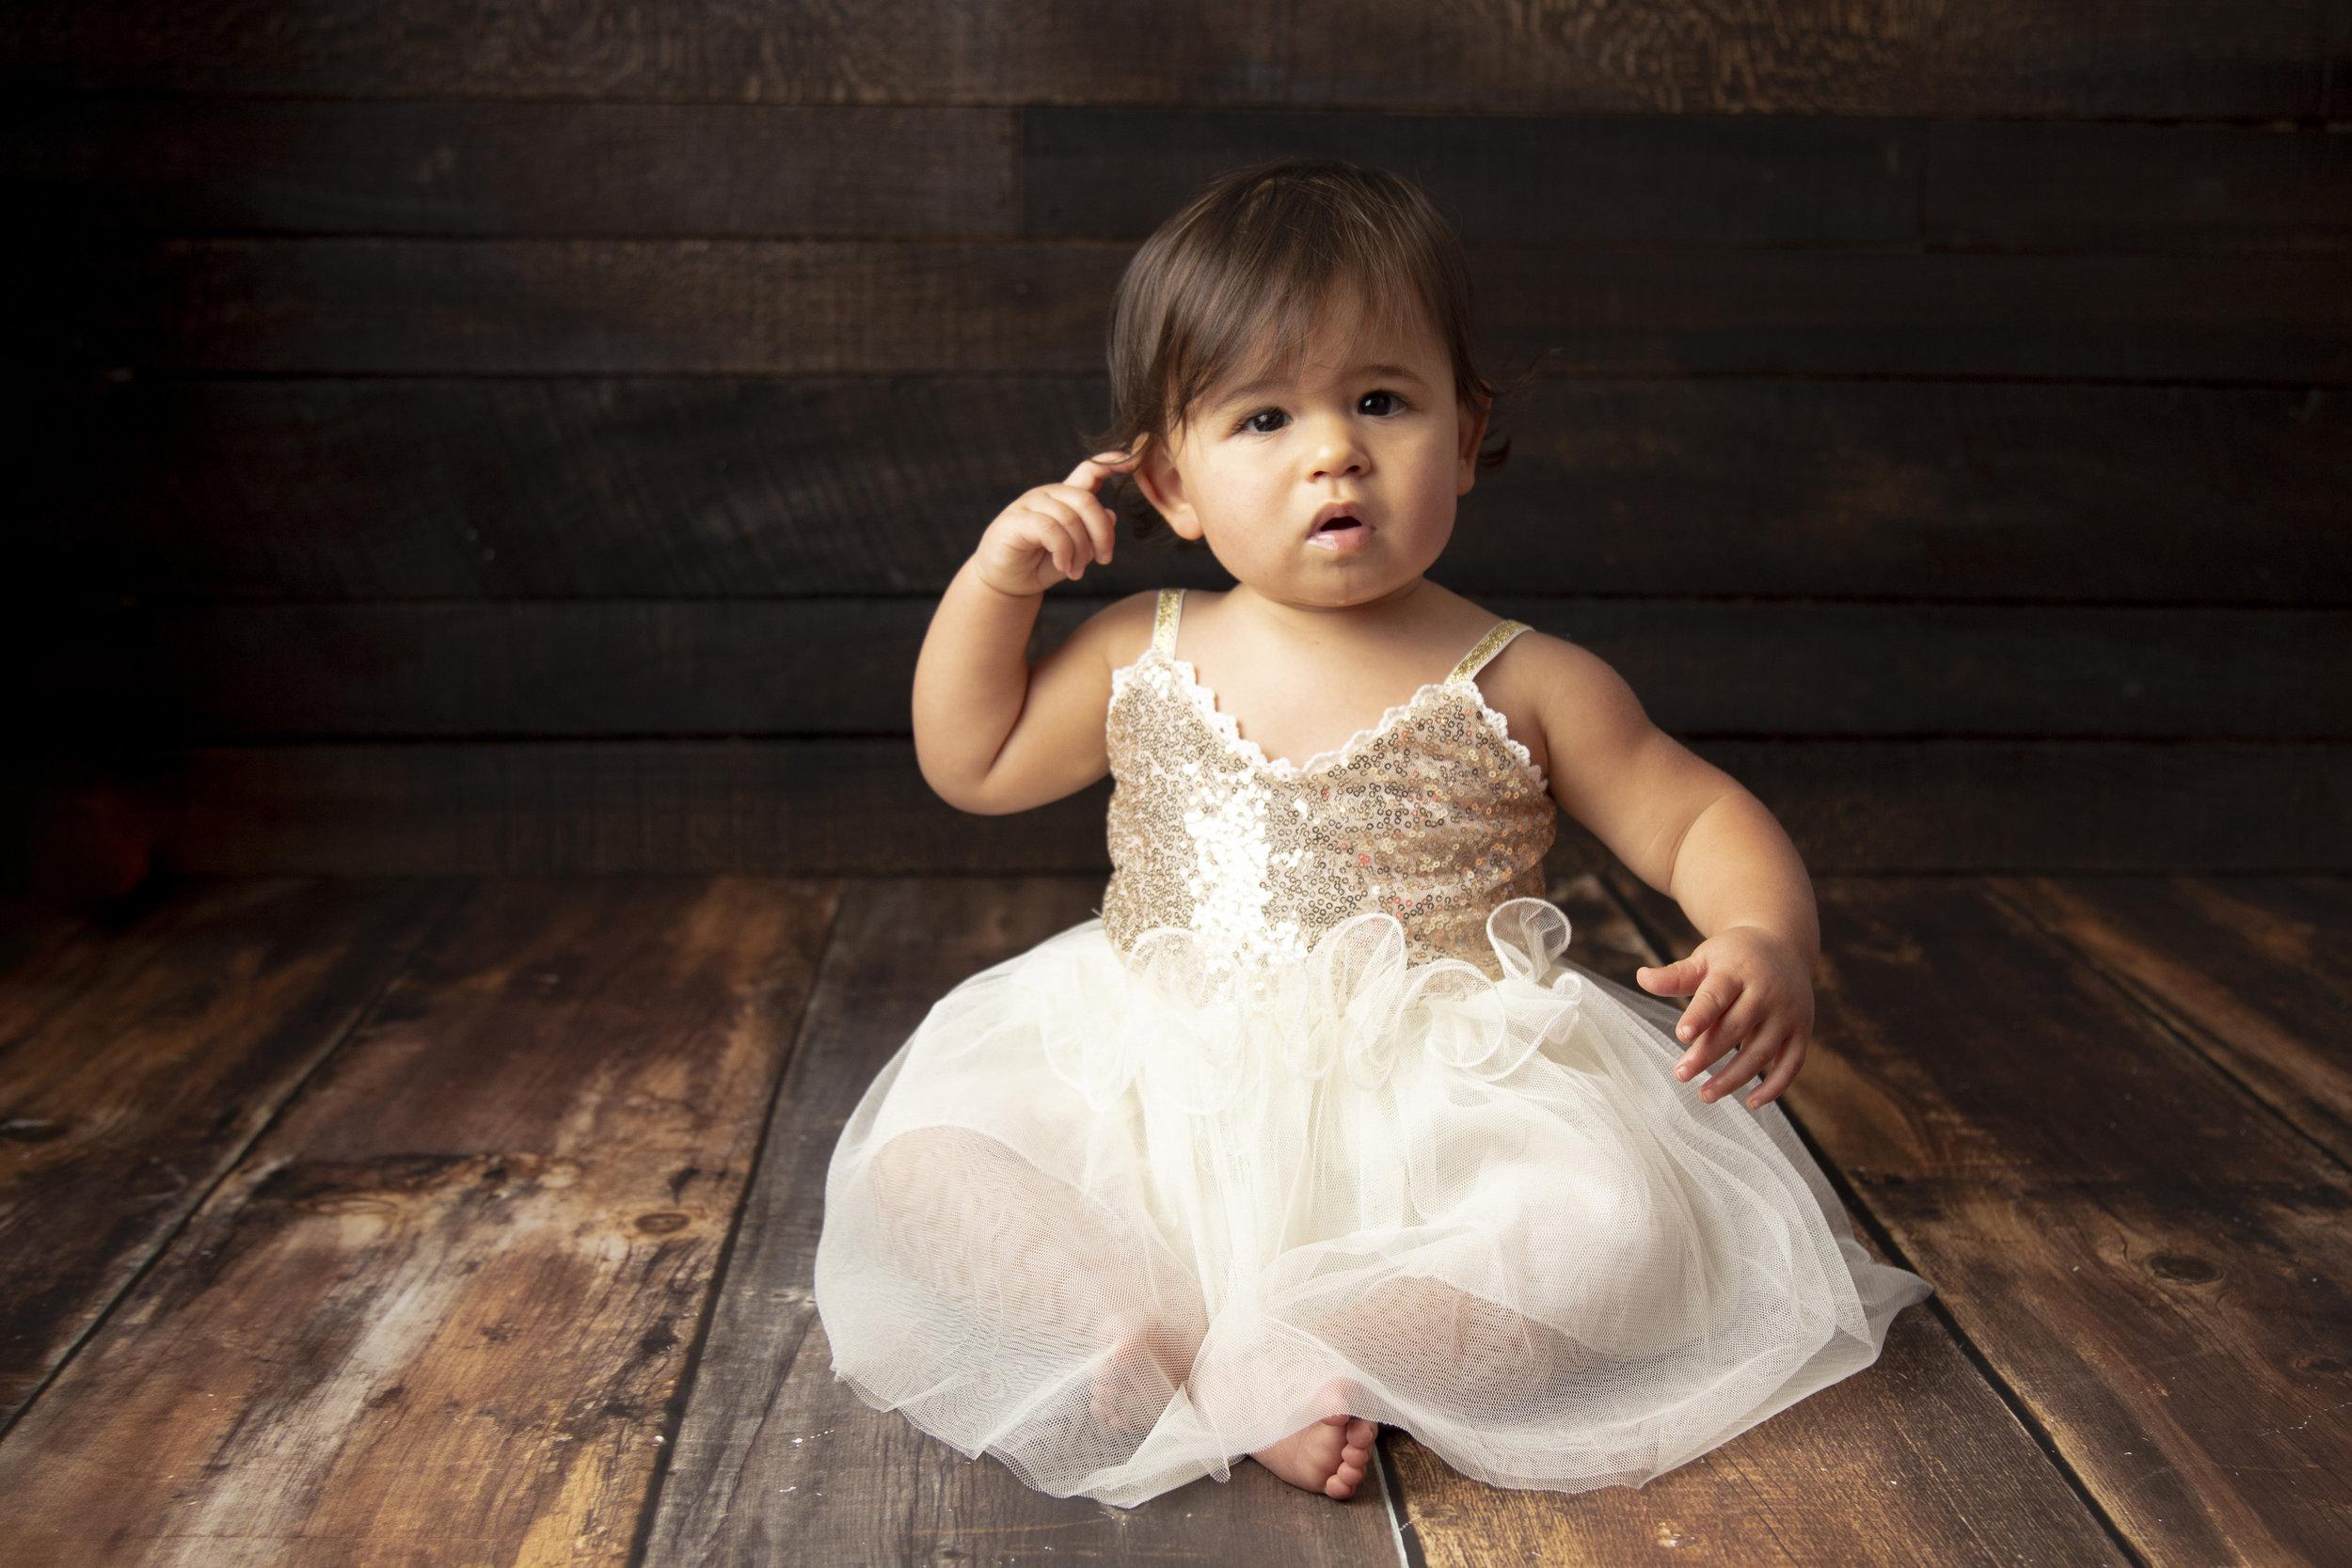 AEP_Wardrobe_Children_014.jpg